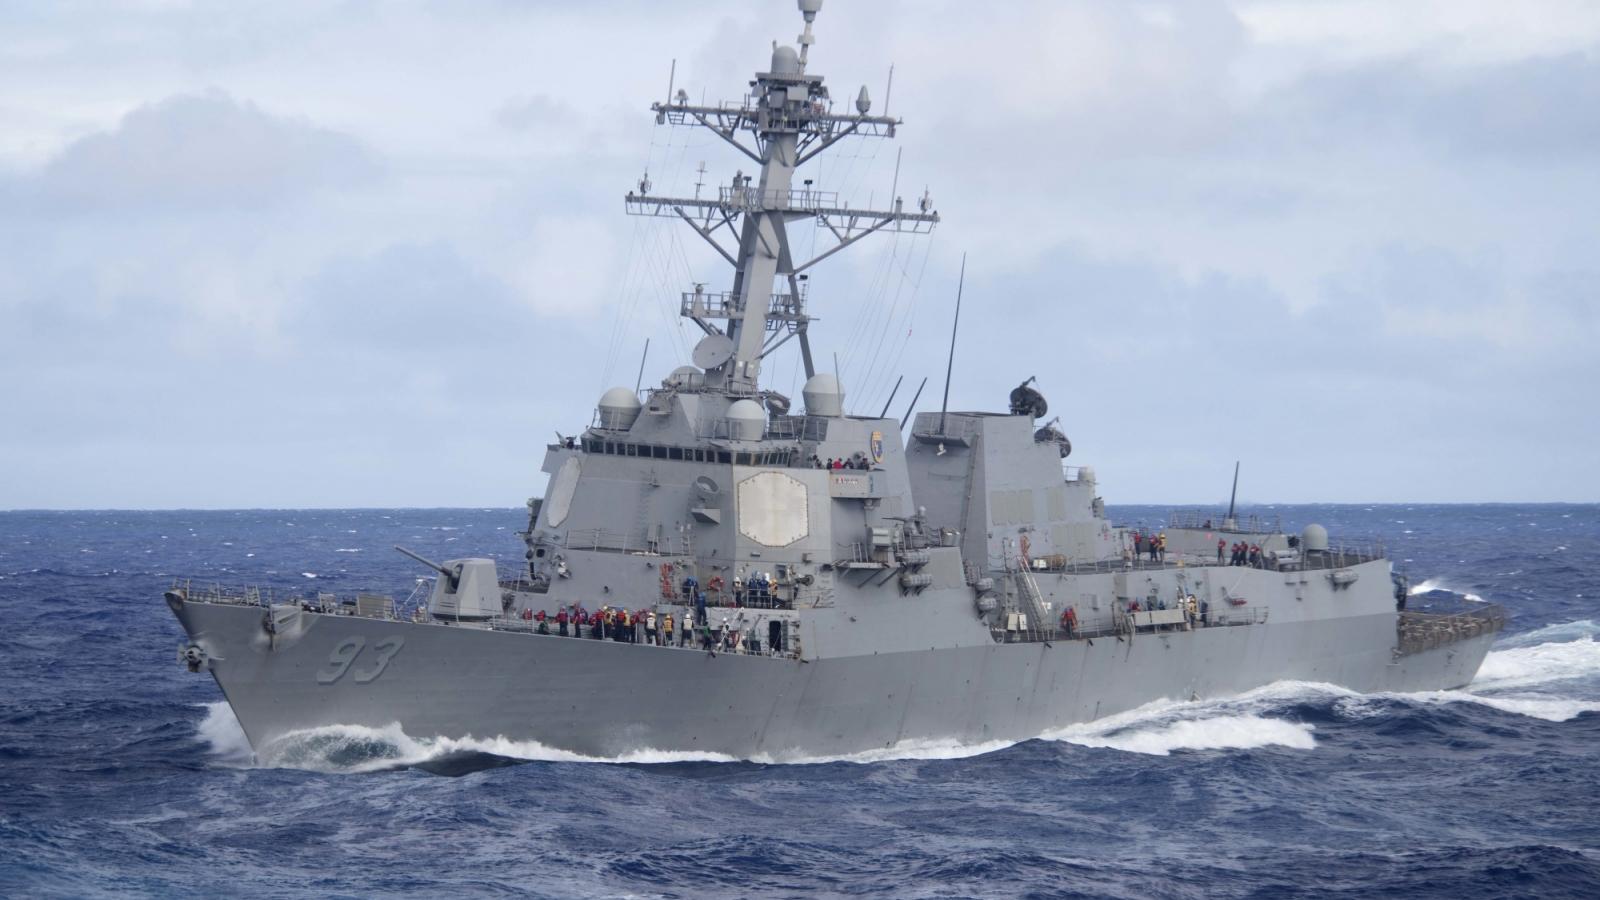 Cận cảnh tàu khu trục Mỹ USS Chung-Hoon phóng tên lửa, phô diễn sức mạnh